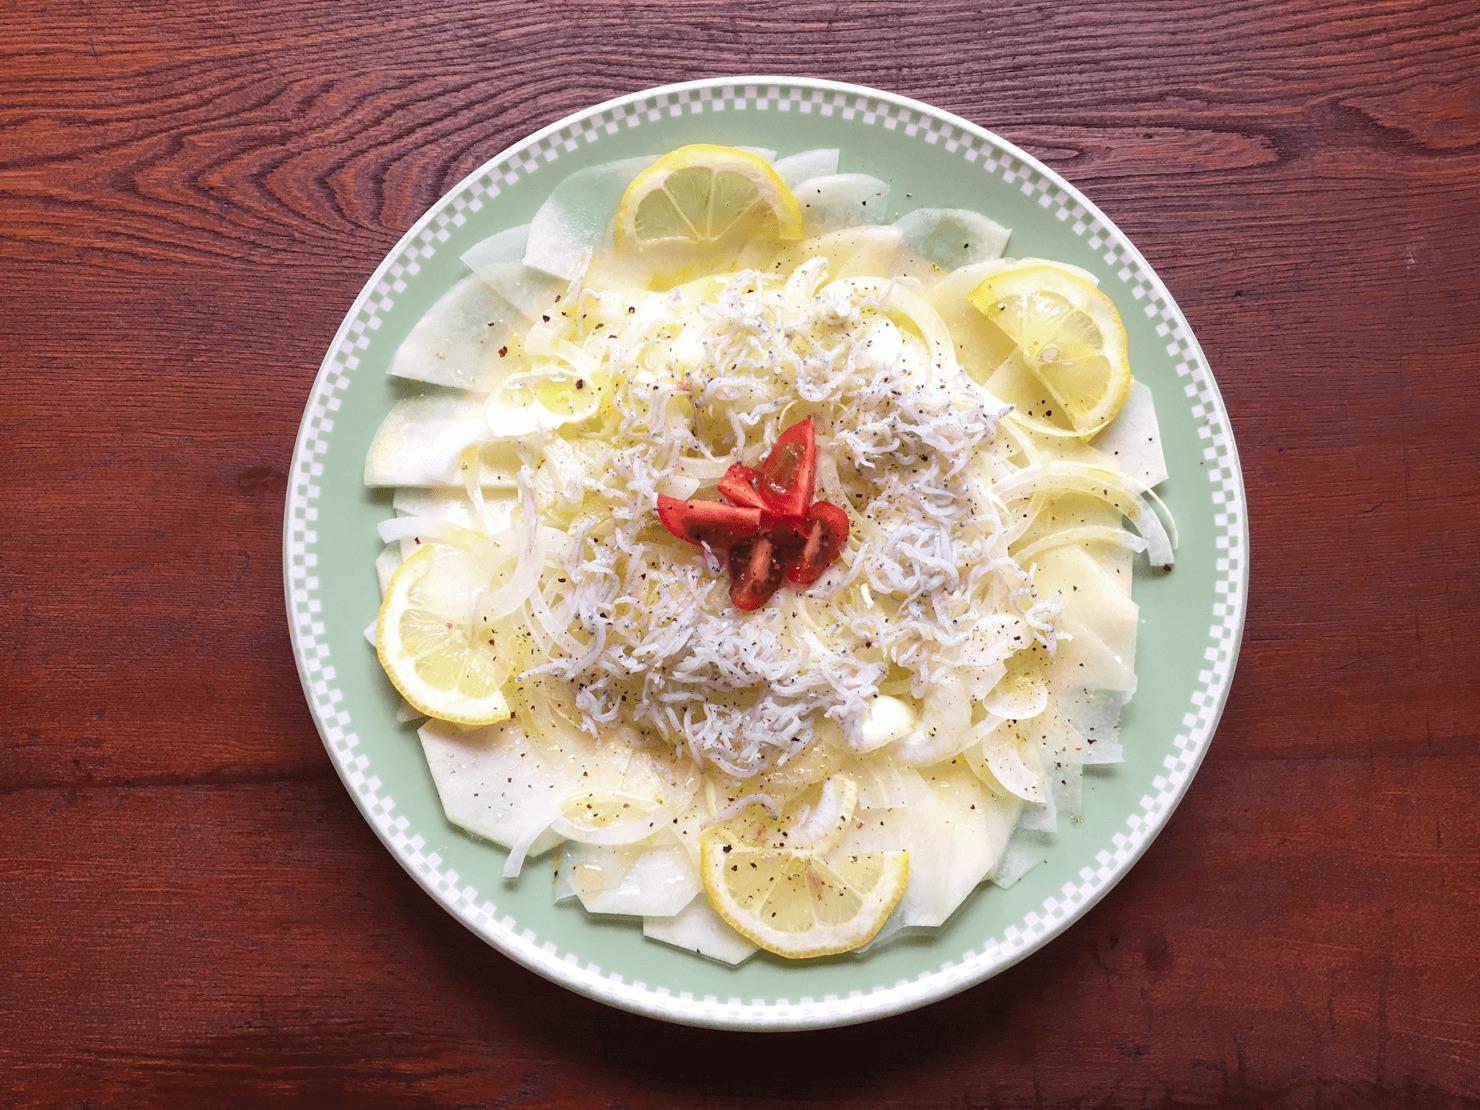 コールラビのカルパッチョ風サラダの写真